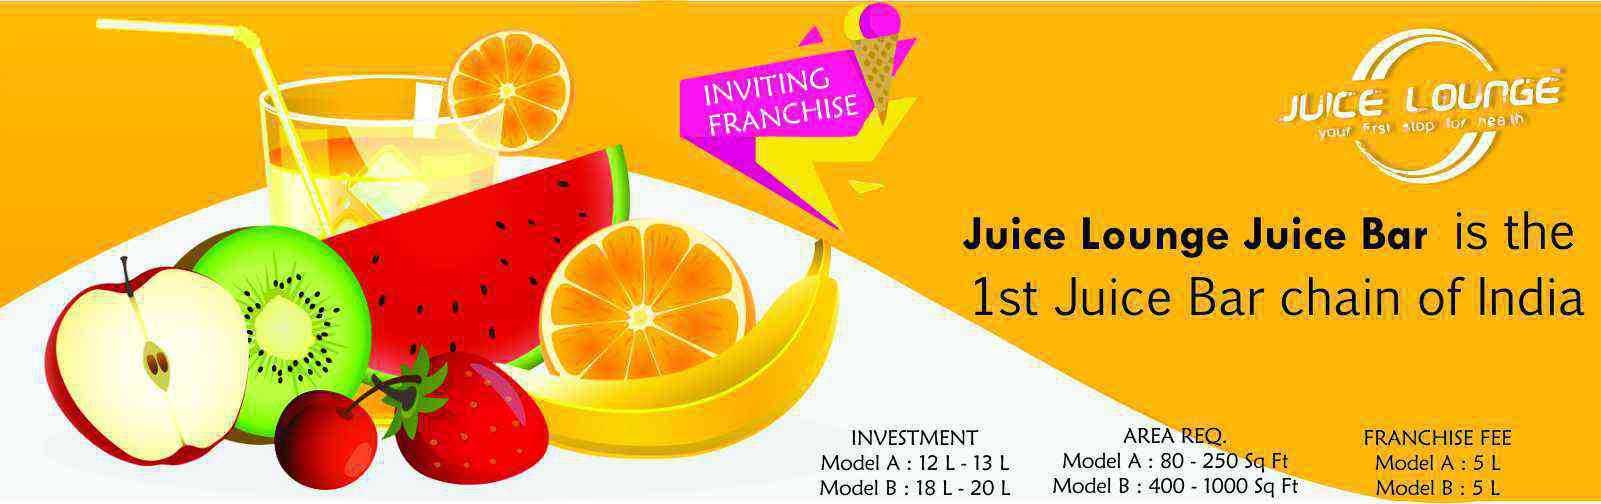 admin/photos/Juice Lounge